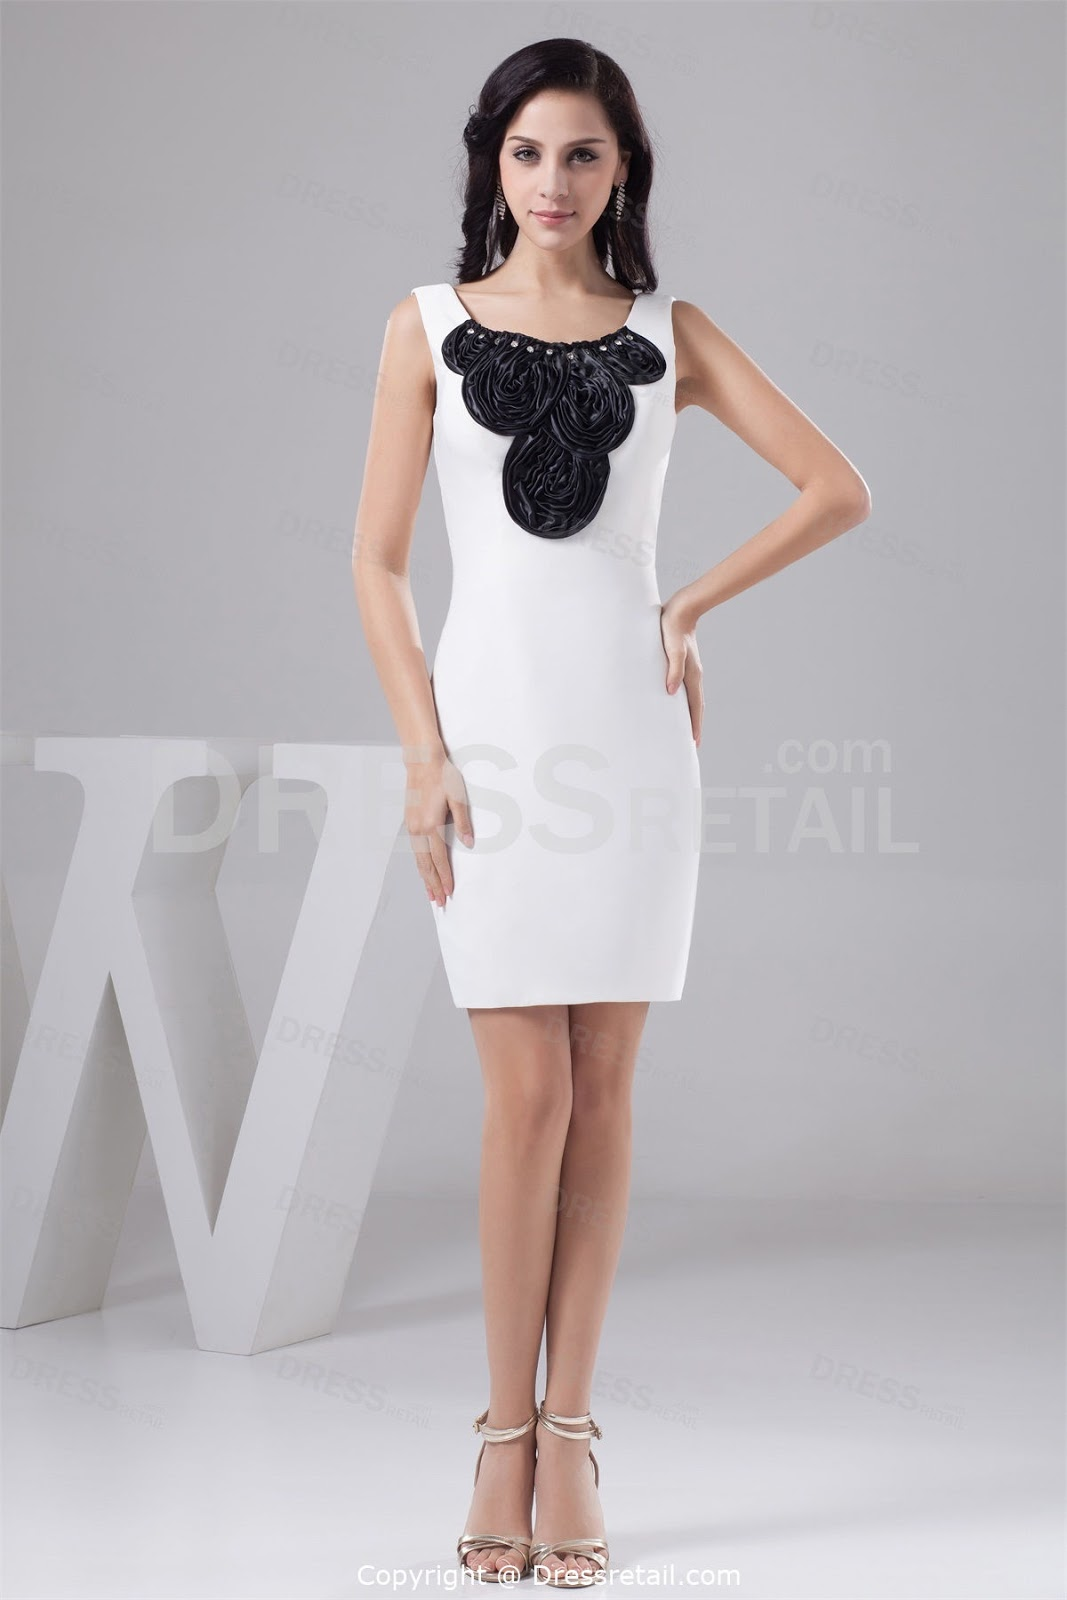 black and white short wedding dresses short black wedding dresses White and Black Wedding Gowns Black and White Bridal Gowns Black Short Dresses for